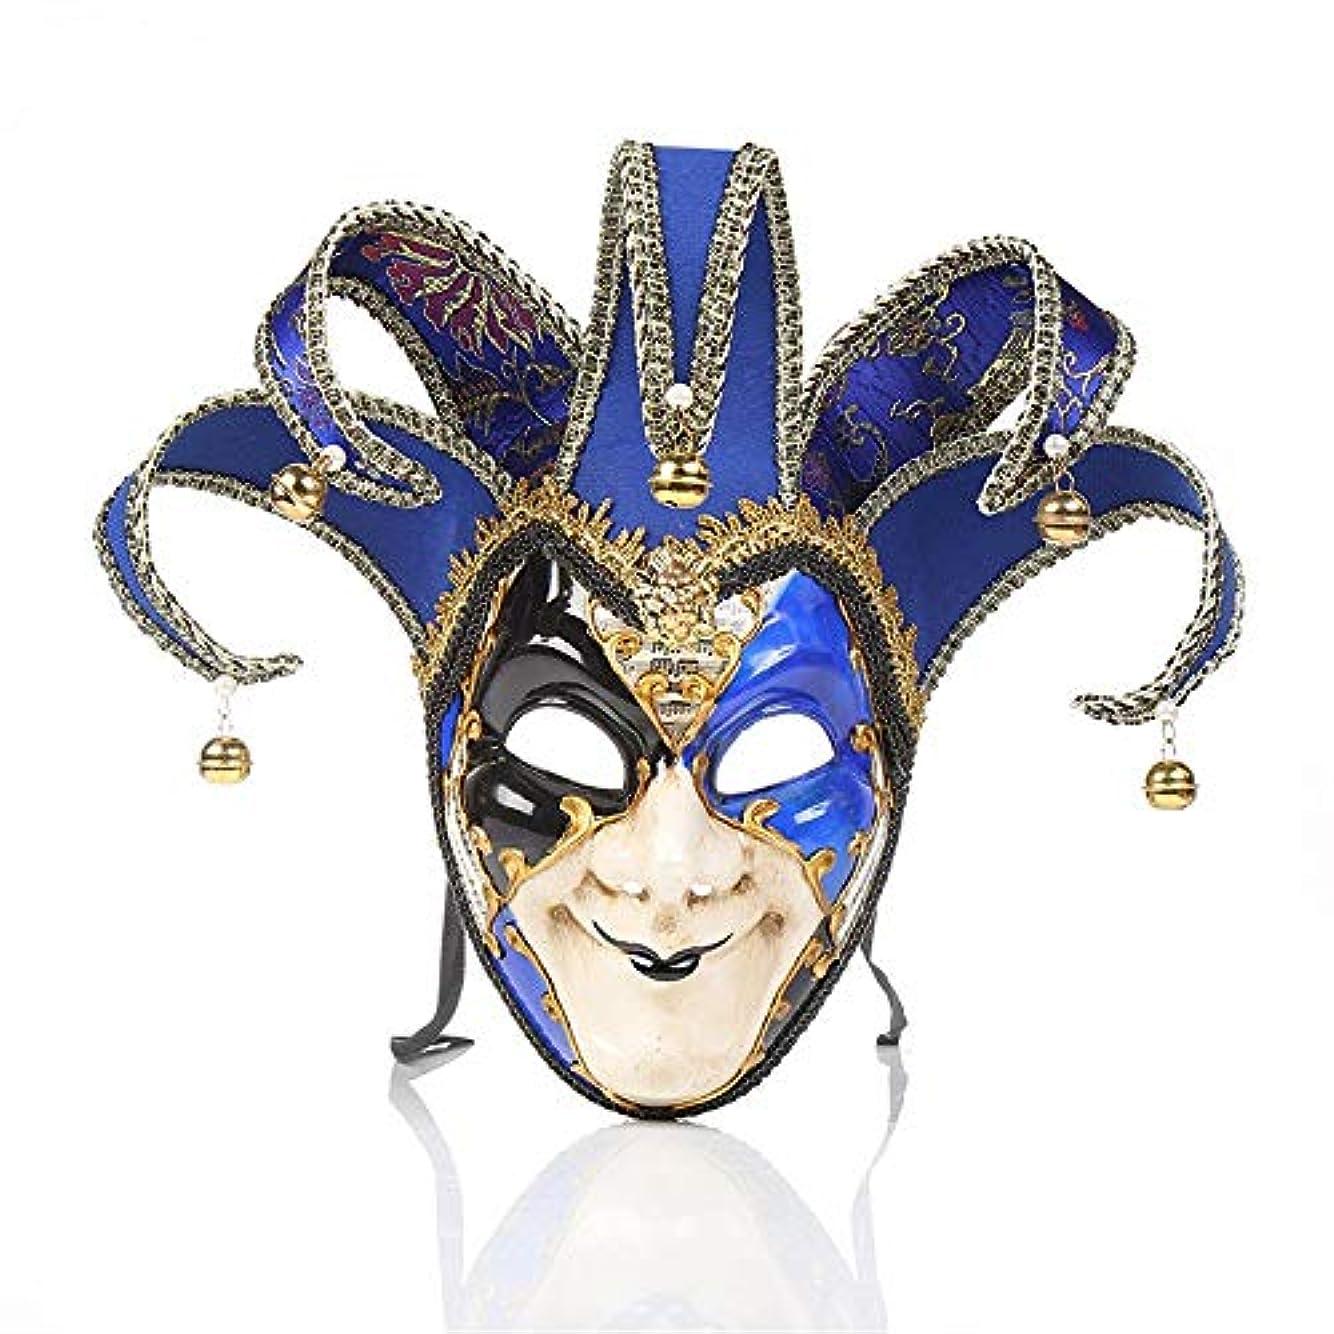 歩行者時刻表従うダンスマスク ピエロマスクハロウィーンパフォーマンスパフォーマンス仮面舞踏会雰囲気用品祭りロールプレイングプラスチックマスク ホリデーパーティー用品 (色 : 青, サイズ : 39x33cm)